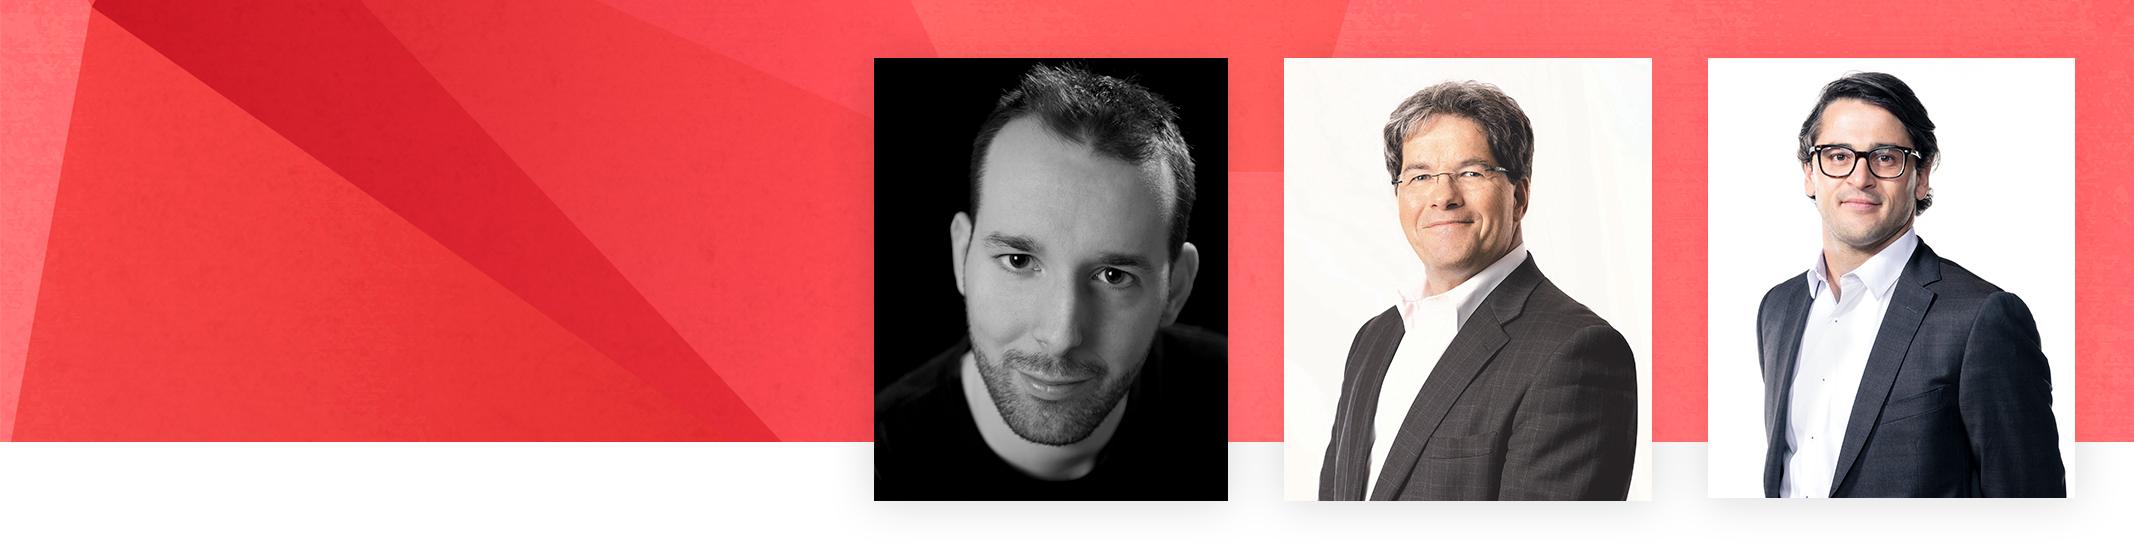 Portraits de 3 hommes journalistes